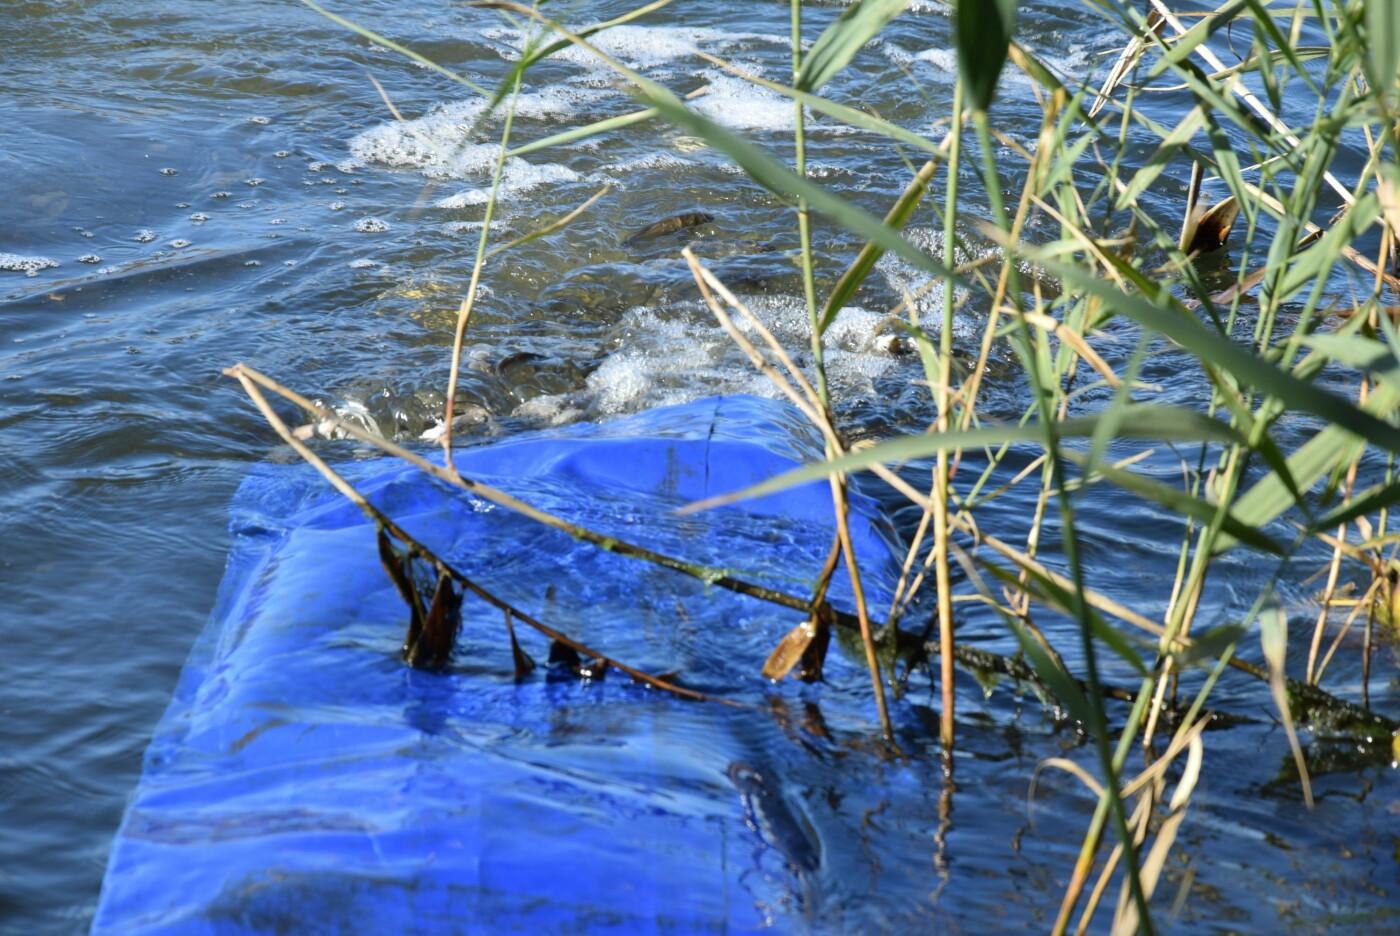 Зарыбление на левобережье Каменского: в дренажный канал выпустили мальков карпа и белого амура, фото-8